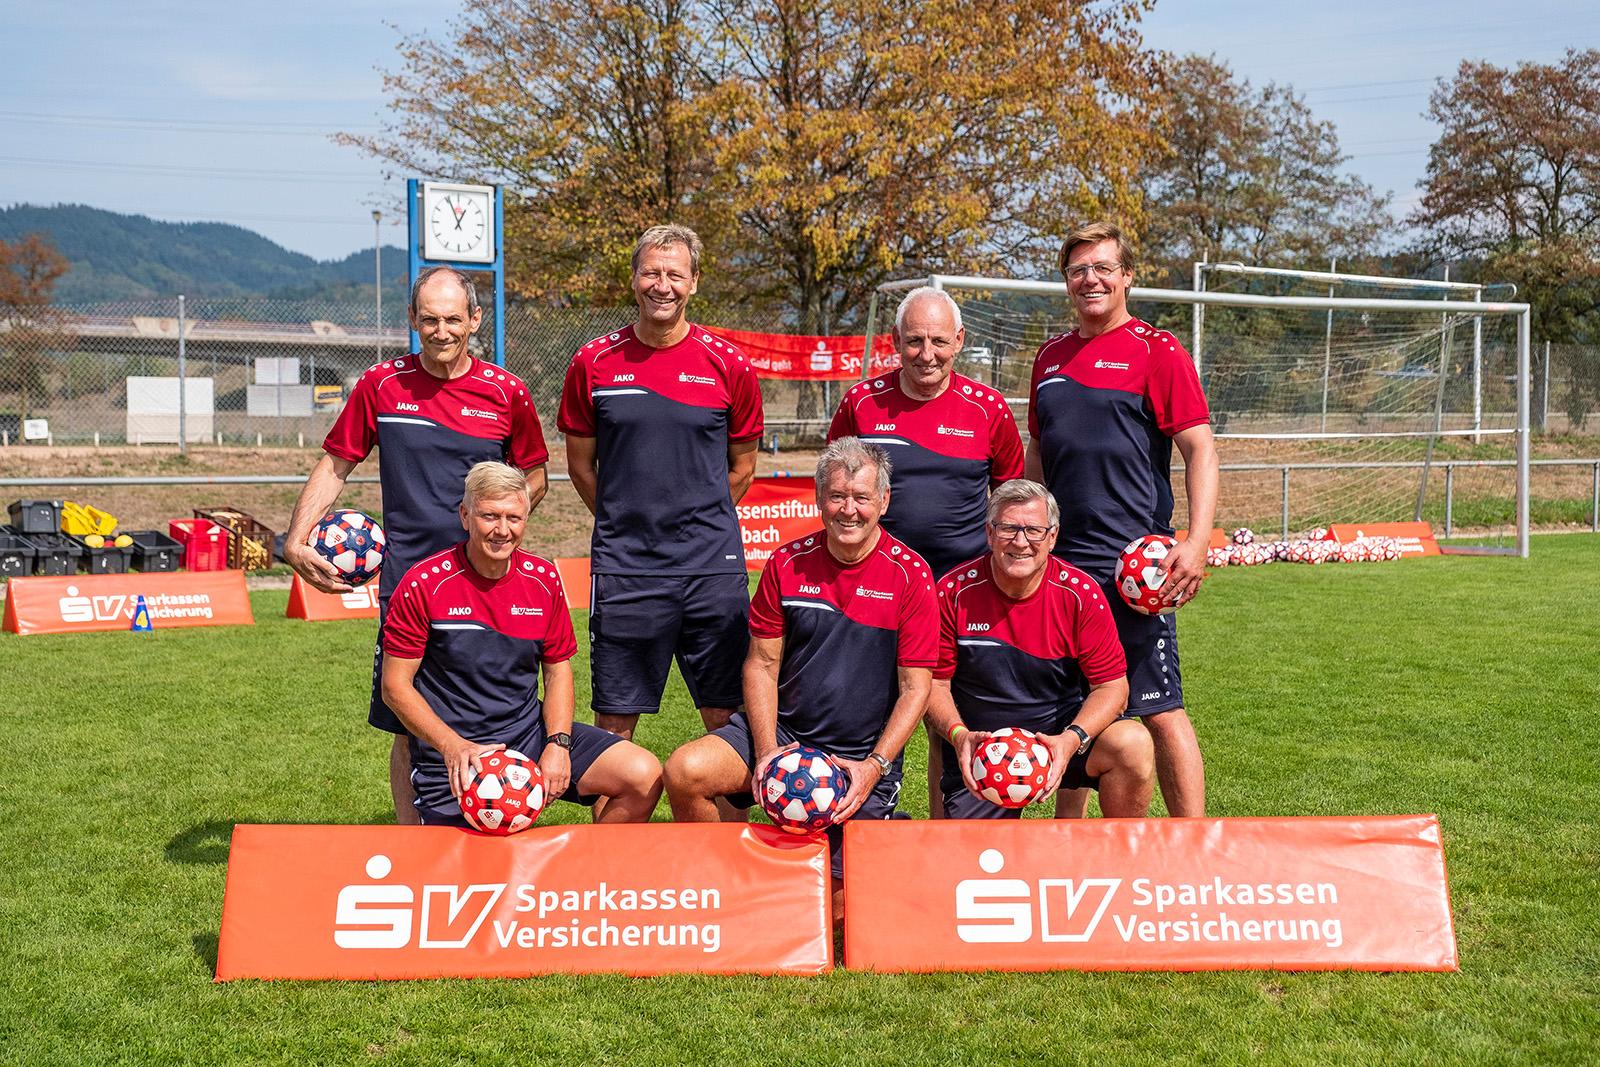 SV Sport-Team Fussball